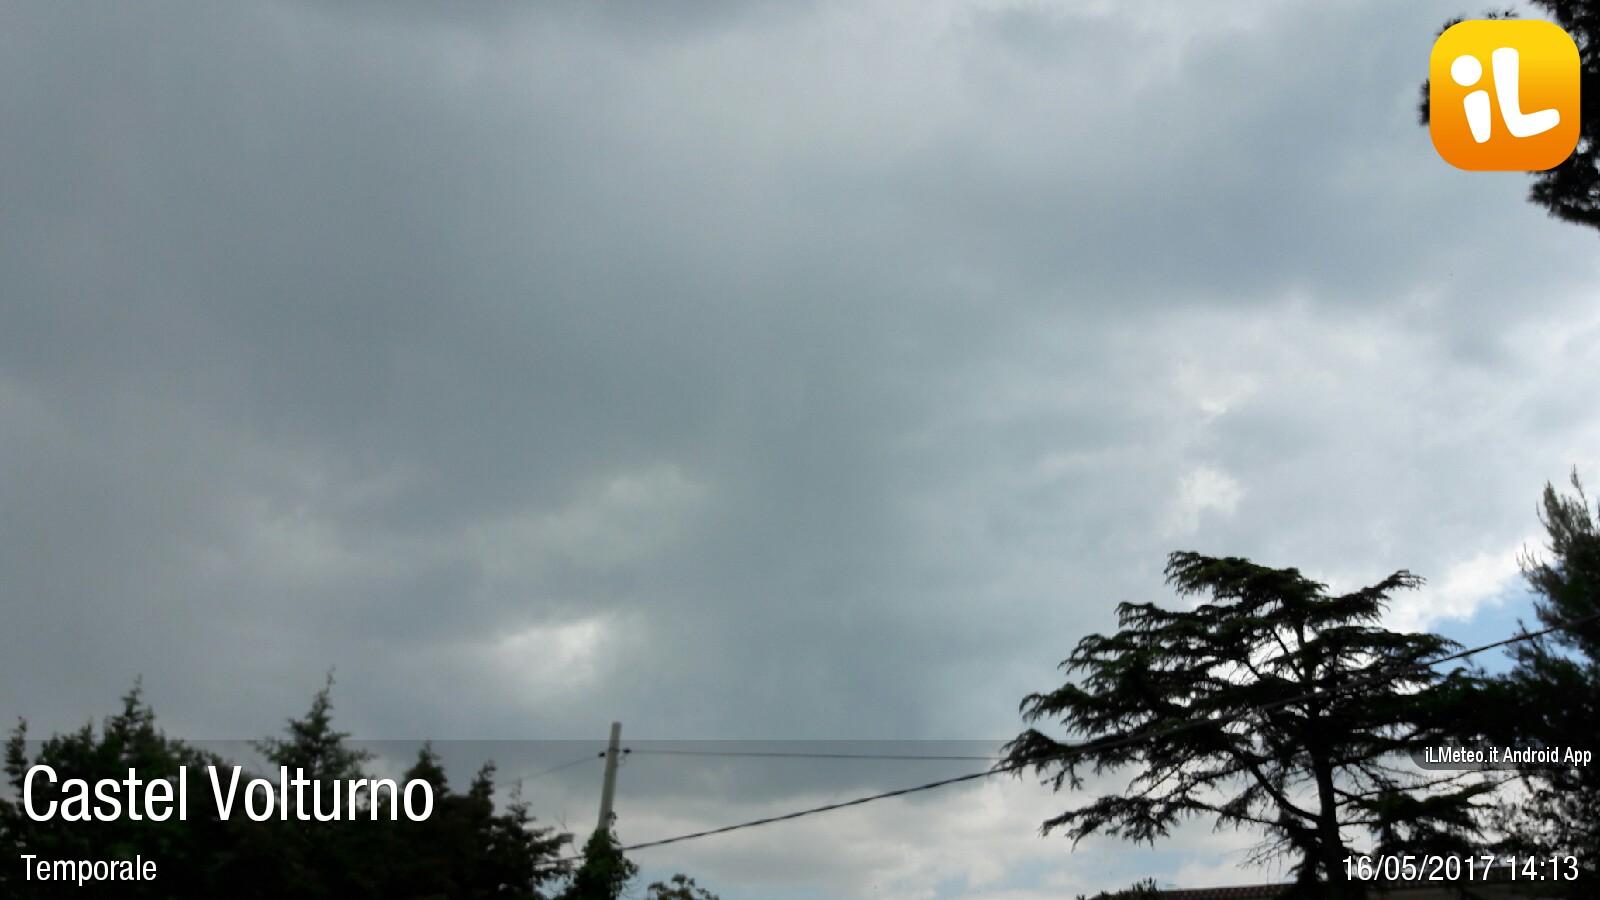 Foto meteo - Castel Volturno - Castel Volturno ore 14:13 » ILMETEO.it